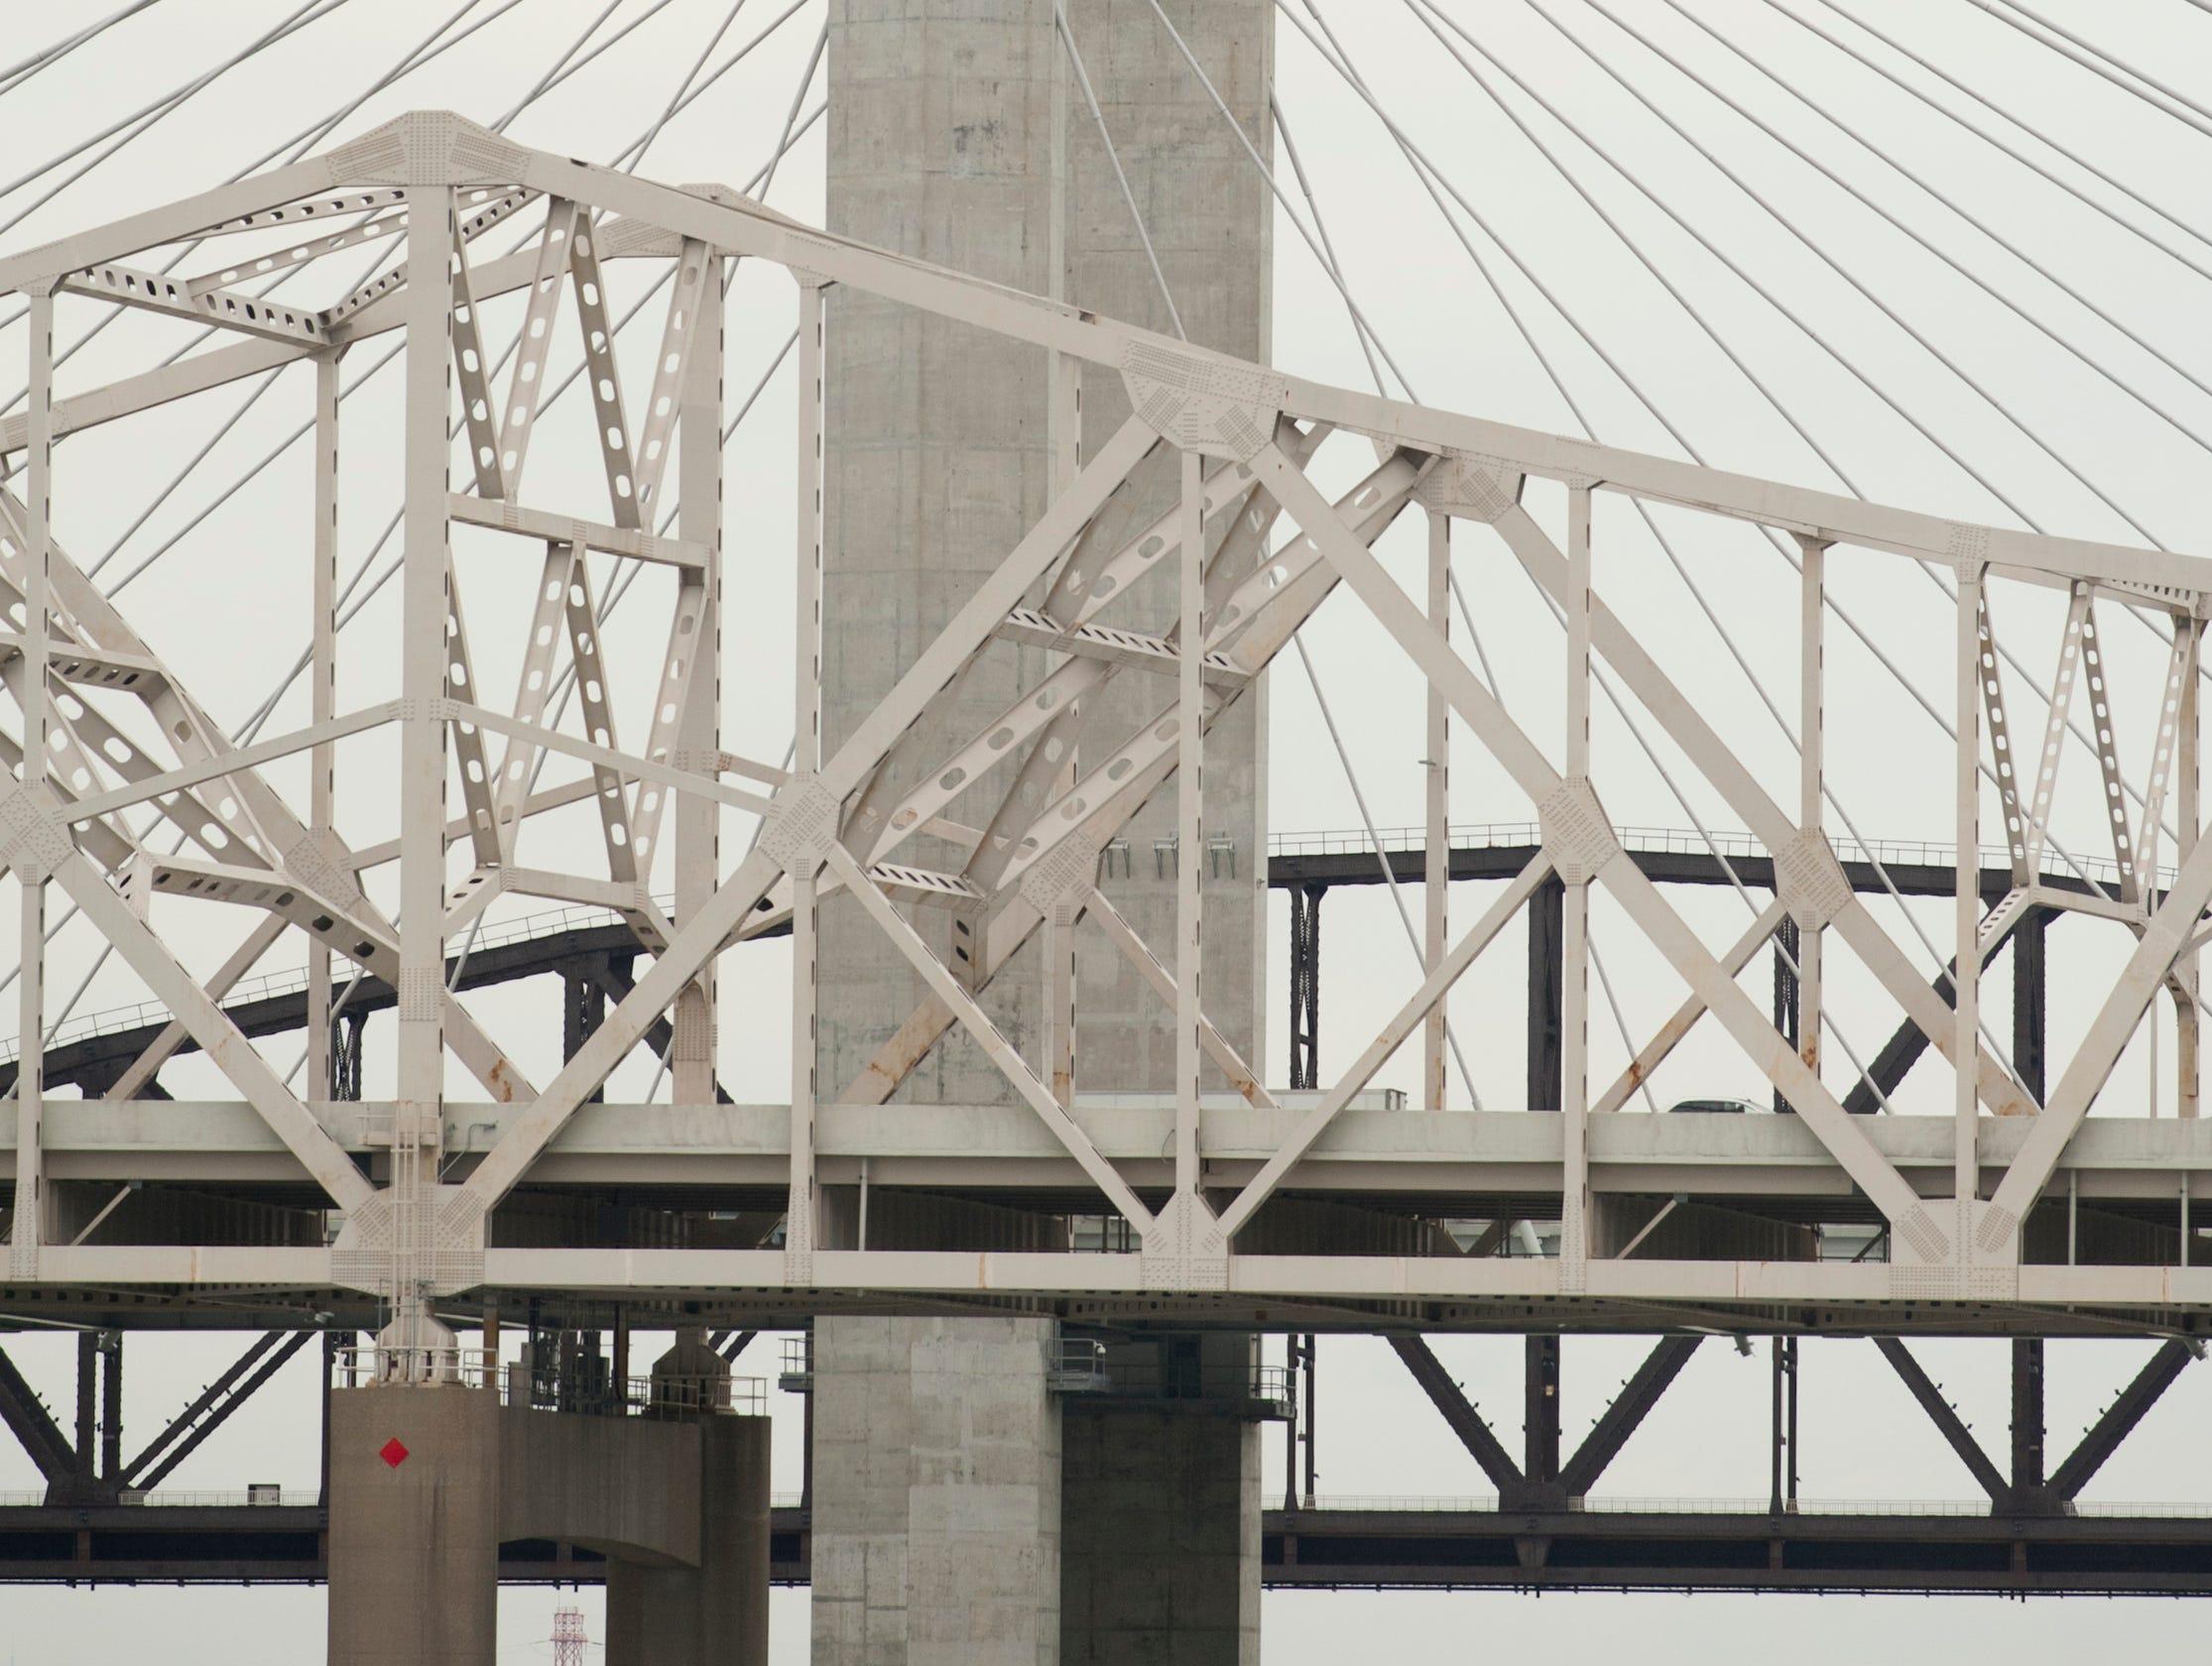 A plane flies over the I-65 bridge.12 April 2019